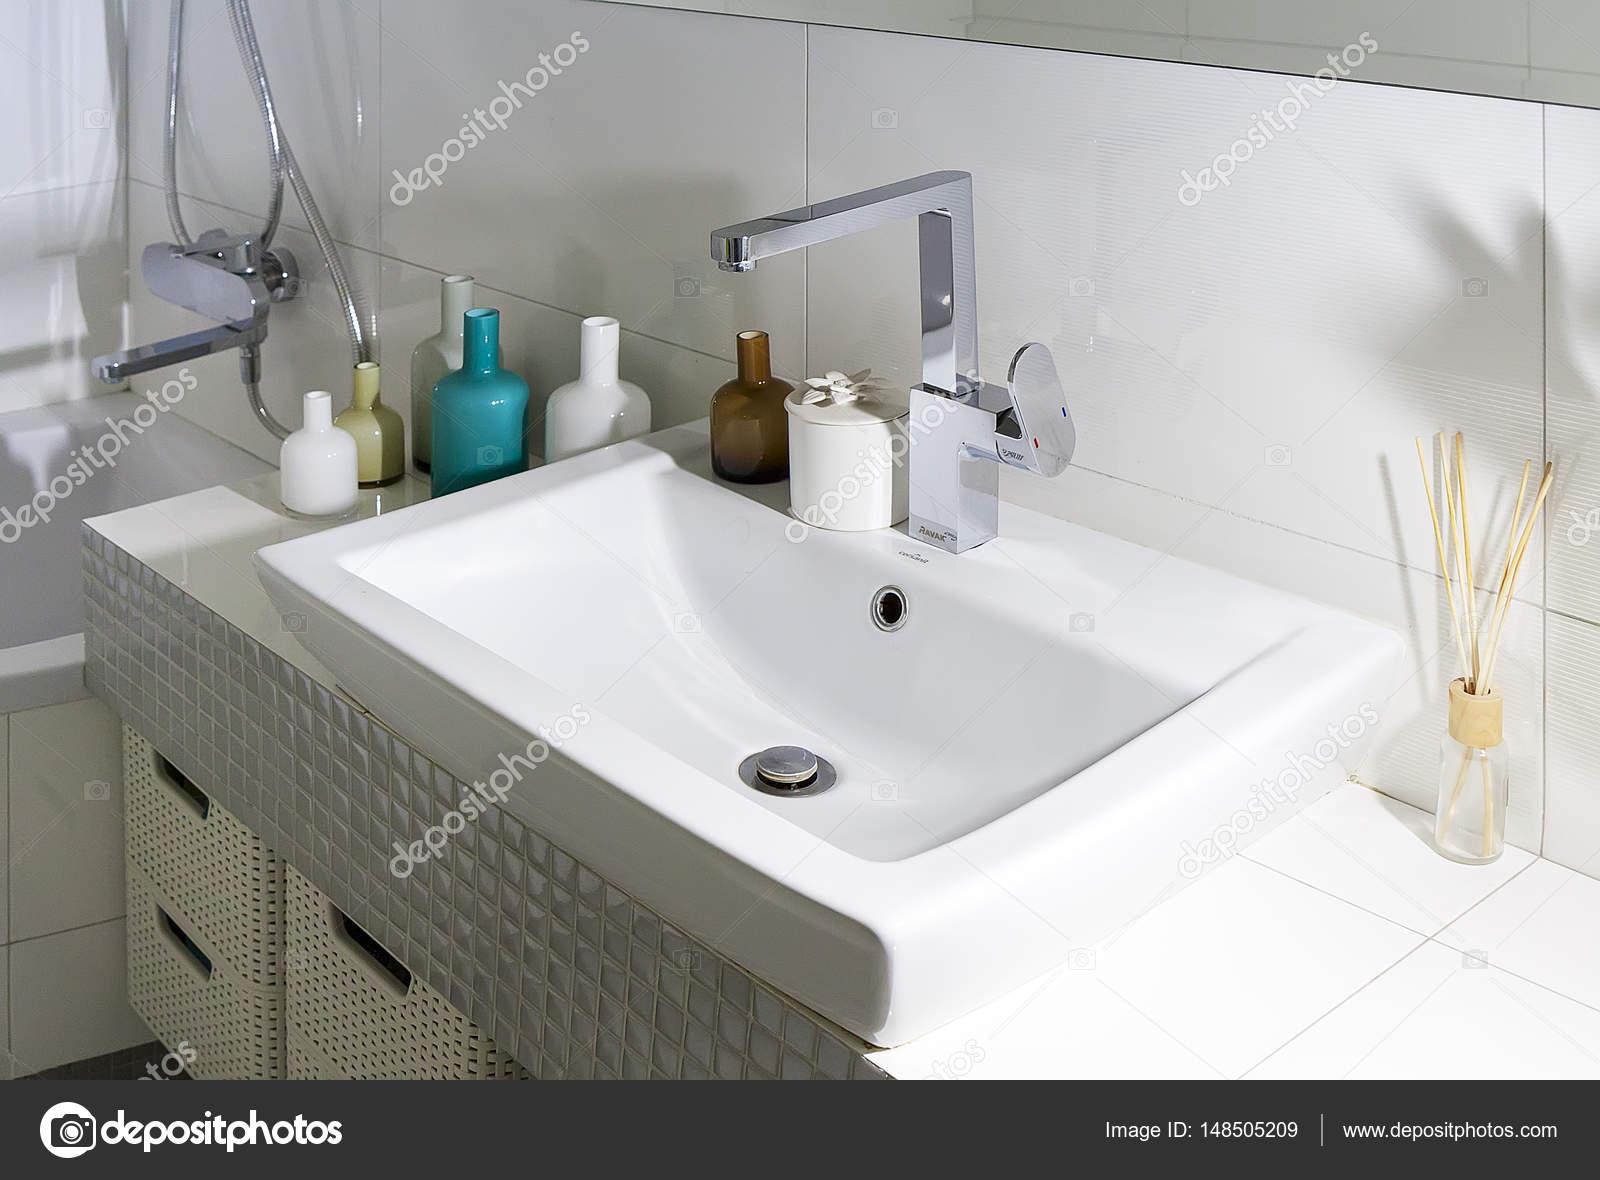 Badkamer met wastafel en glazen flessen — Stockfoto © deekens #148505209